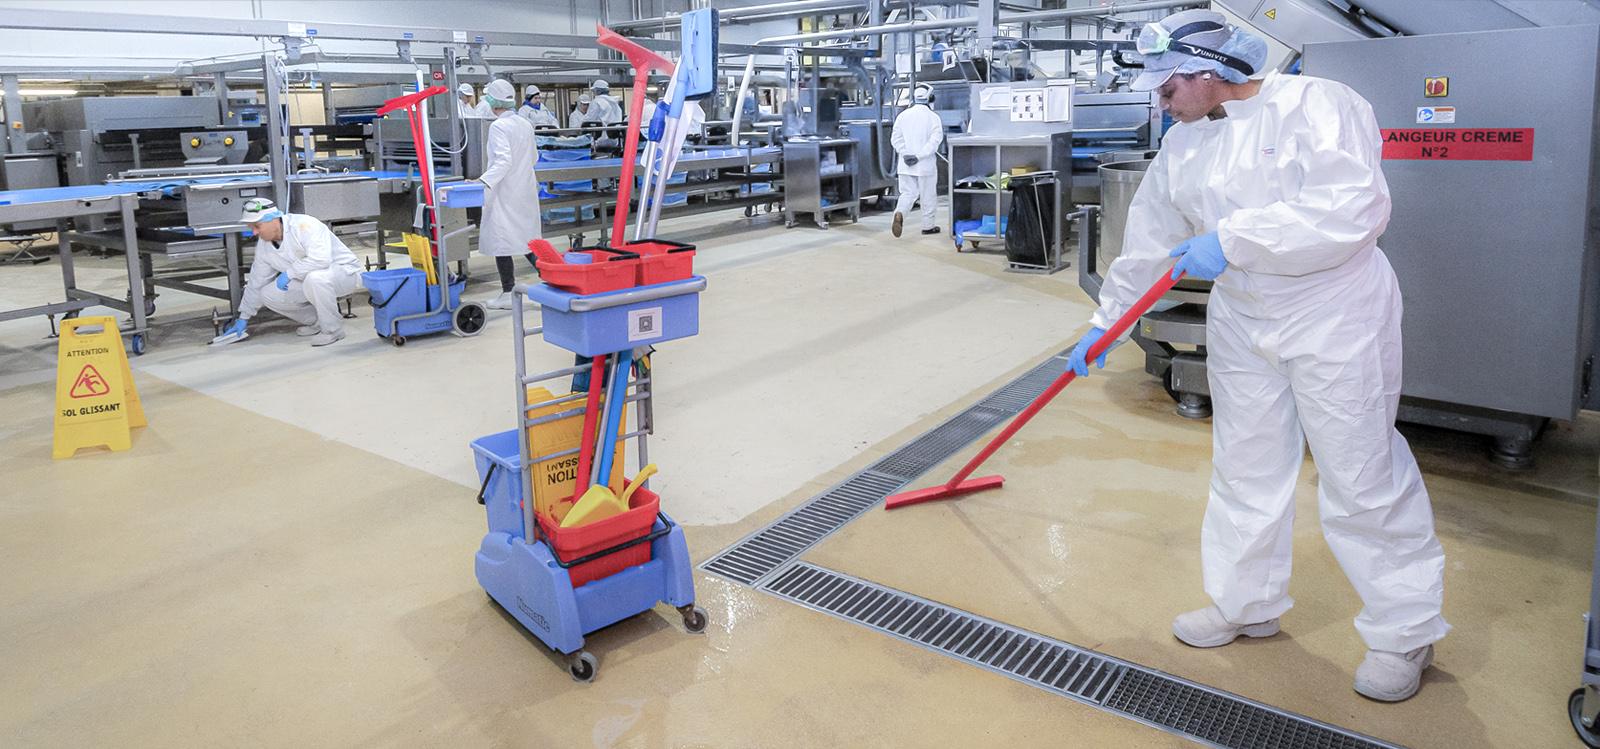 Employé de ADN propreté intervenant en industrie agroalimentaire